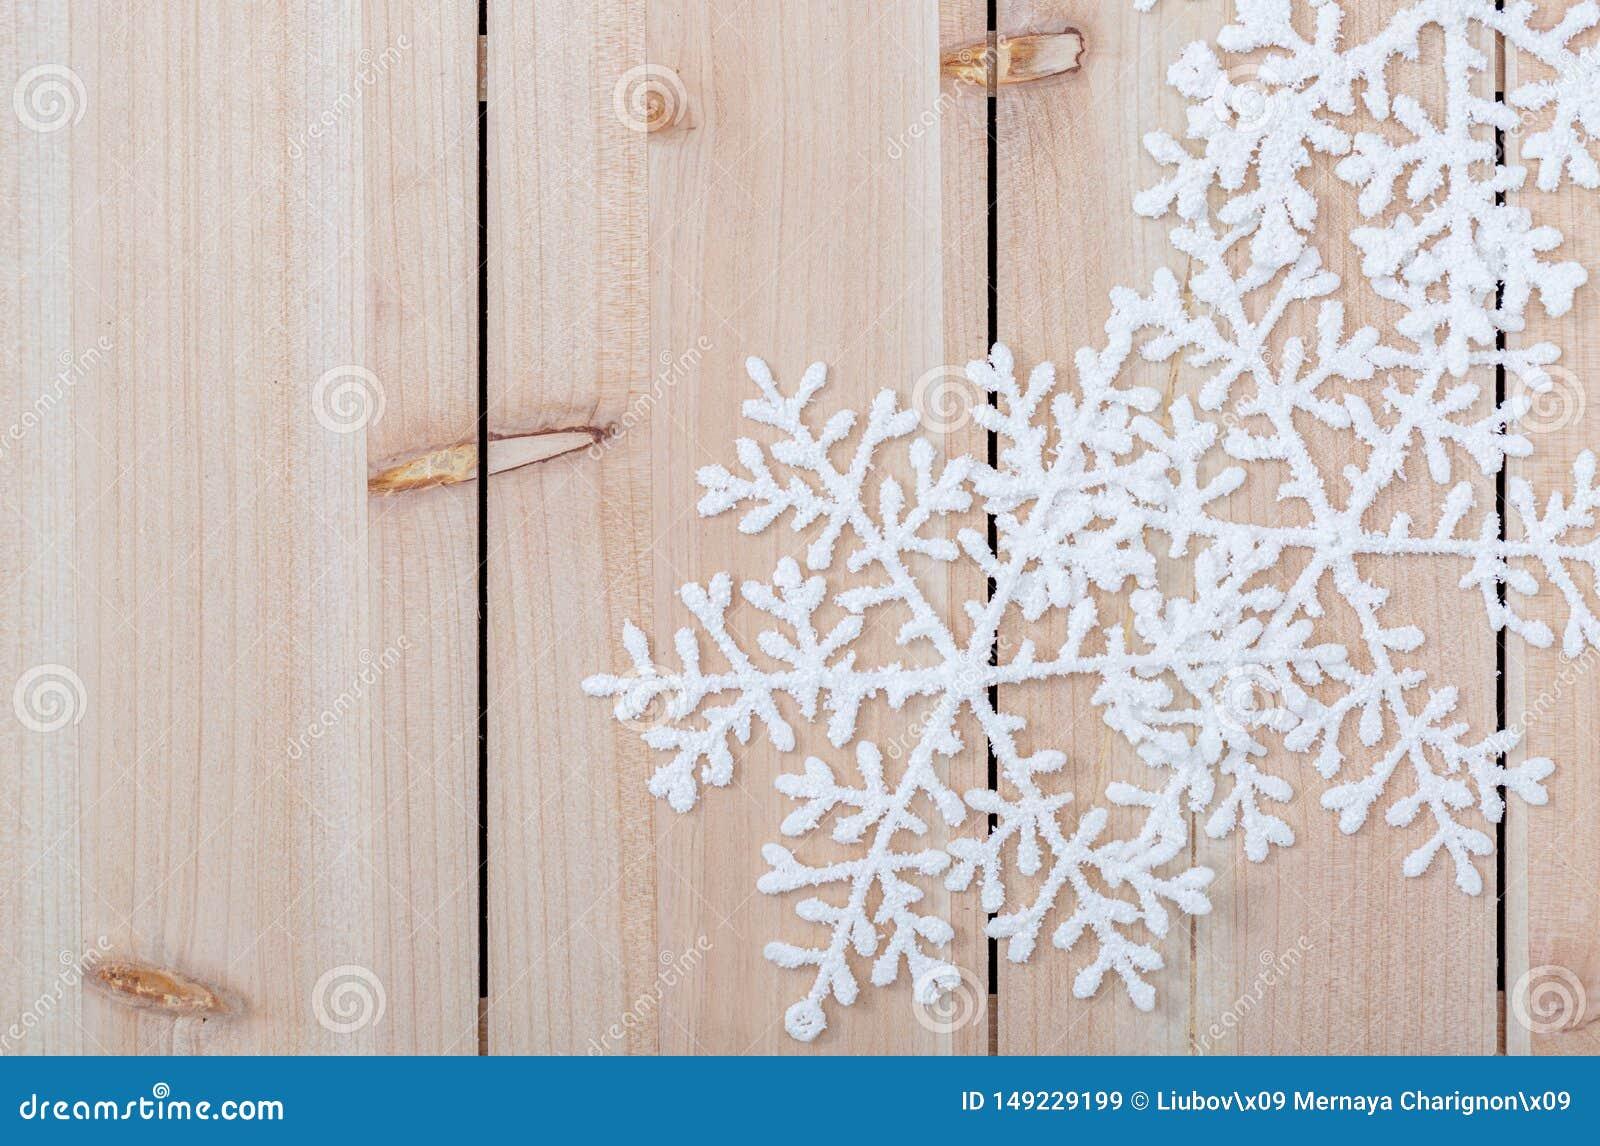 Άσπρα τεχνητά snowflakes σε έναν ελαφρύ ξύλινο πίνακα Υπόβαθρο διακοσμήσεων Χριστουγέννων και διάστημα αντιγράφων για το κείμενο